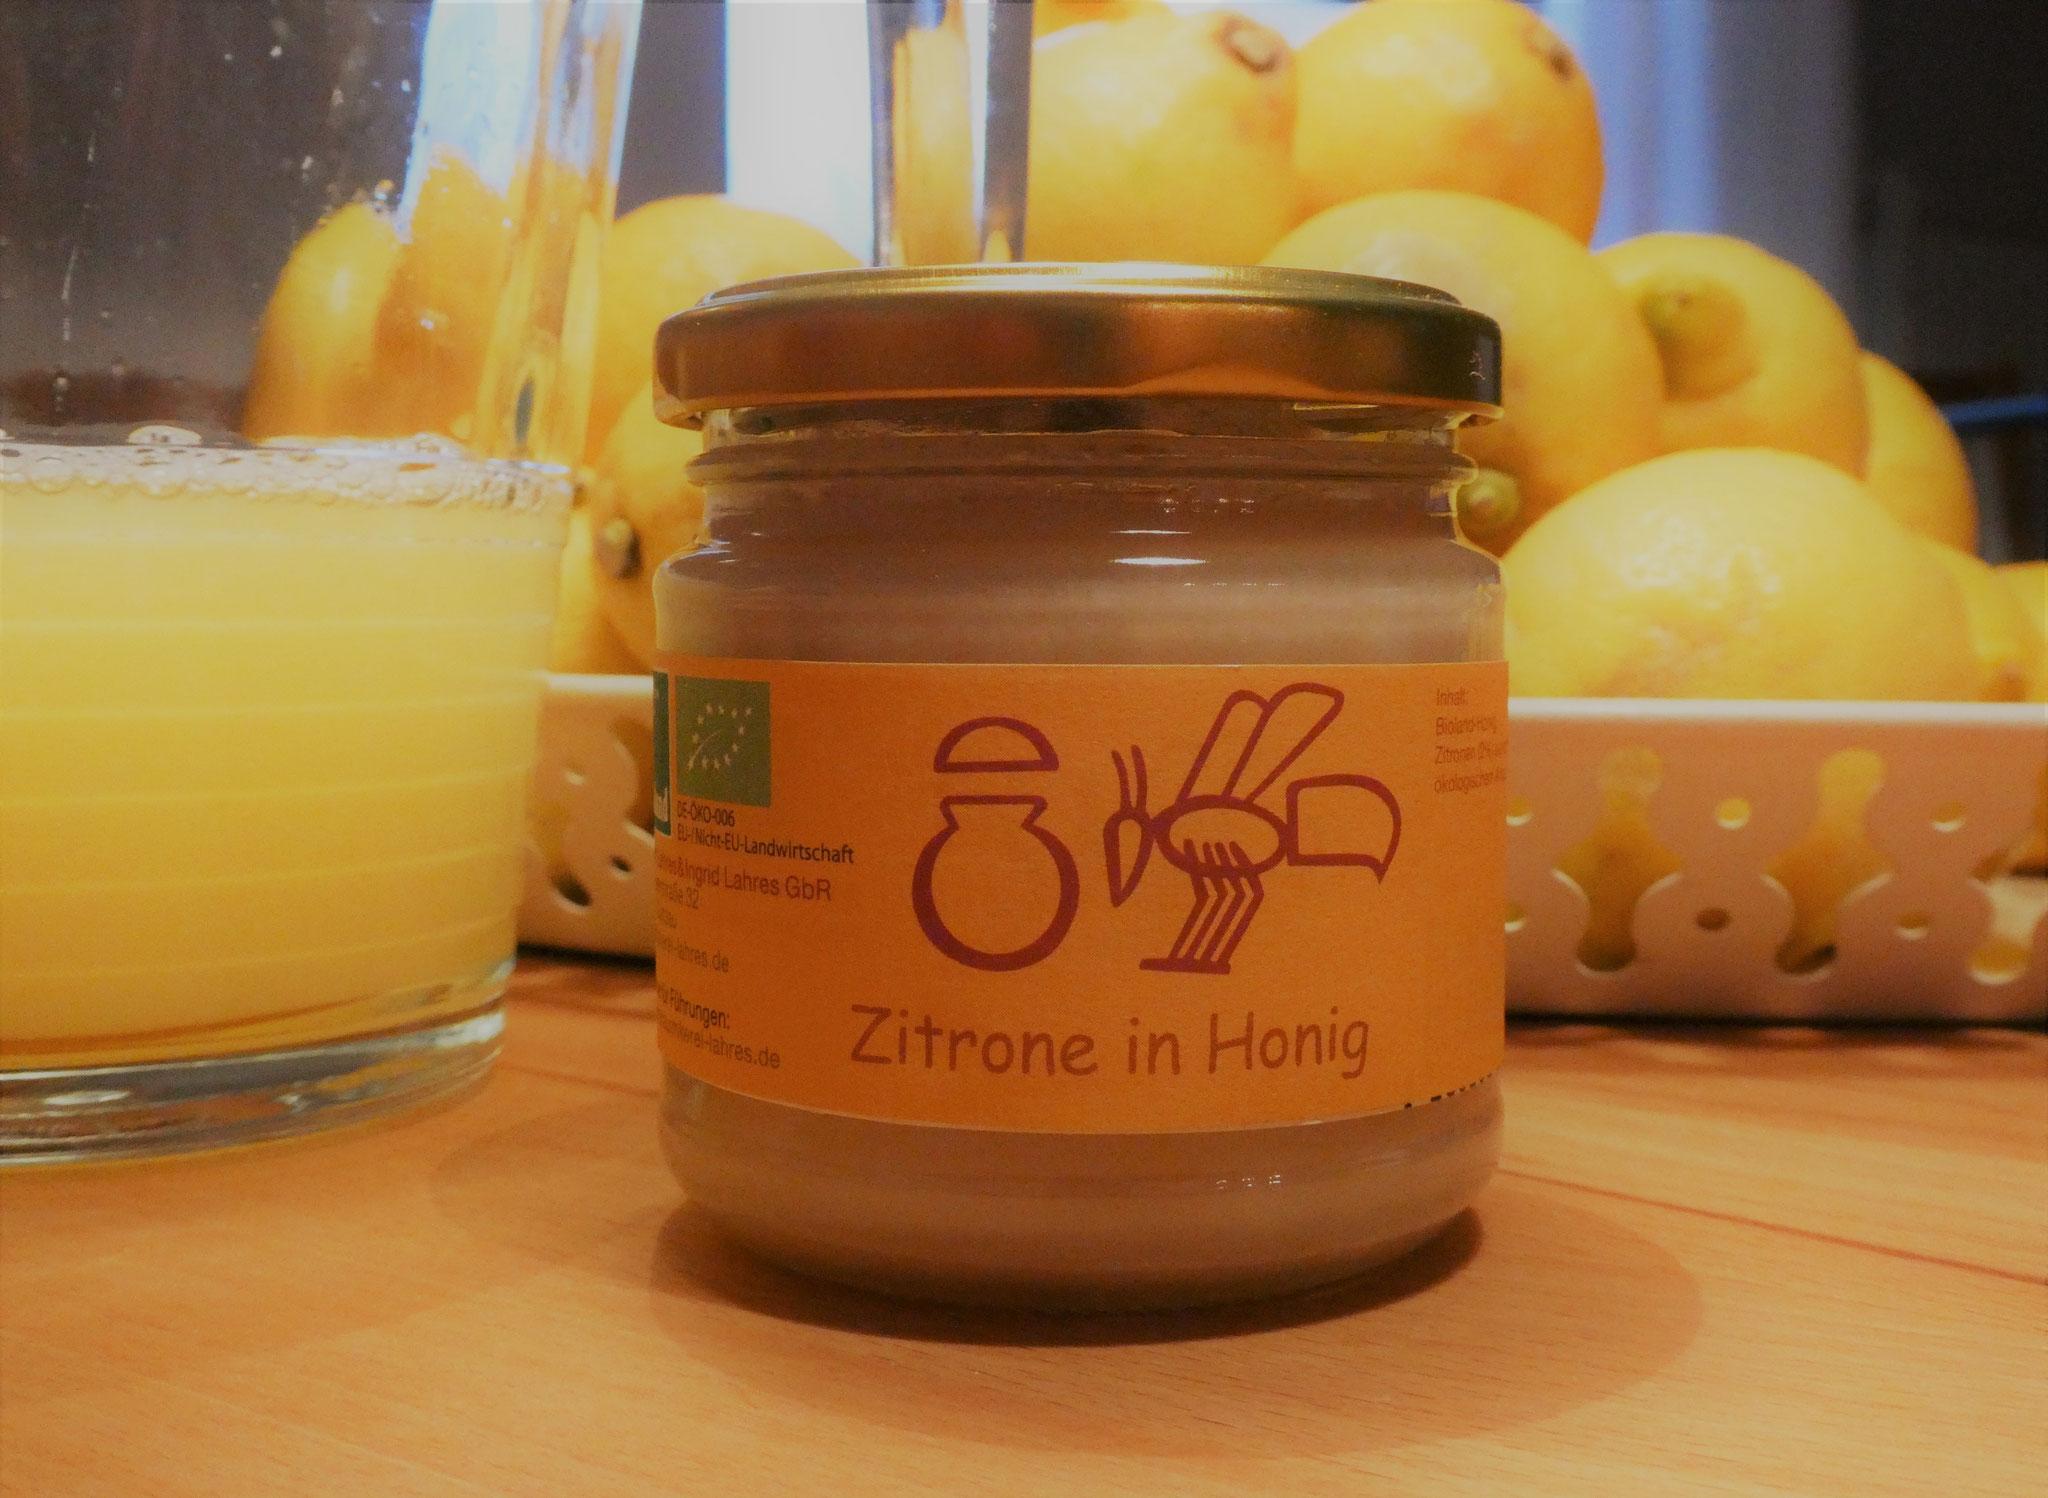 und nach 1-2 Wochen ist er fertig - unser frisch-fruchtiger Brotaufstrich Zitrone in Honig